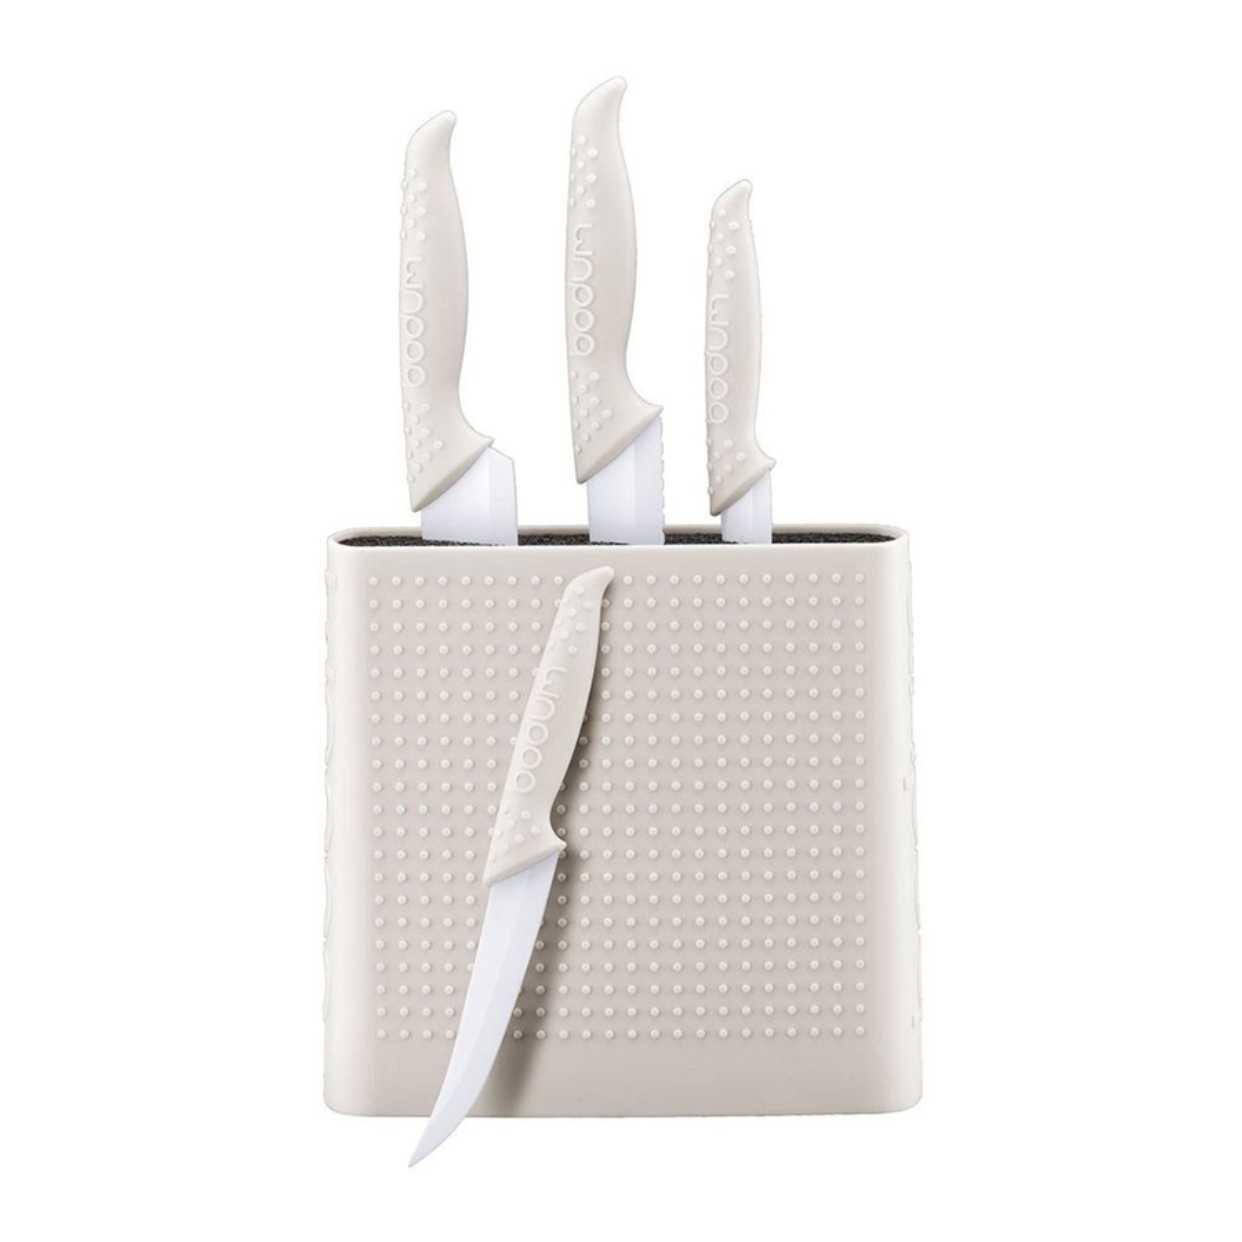 Блок для ножей Bodum BISTRO, белый Bodum 11089-913S фото 2